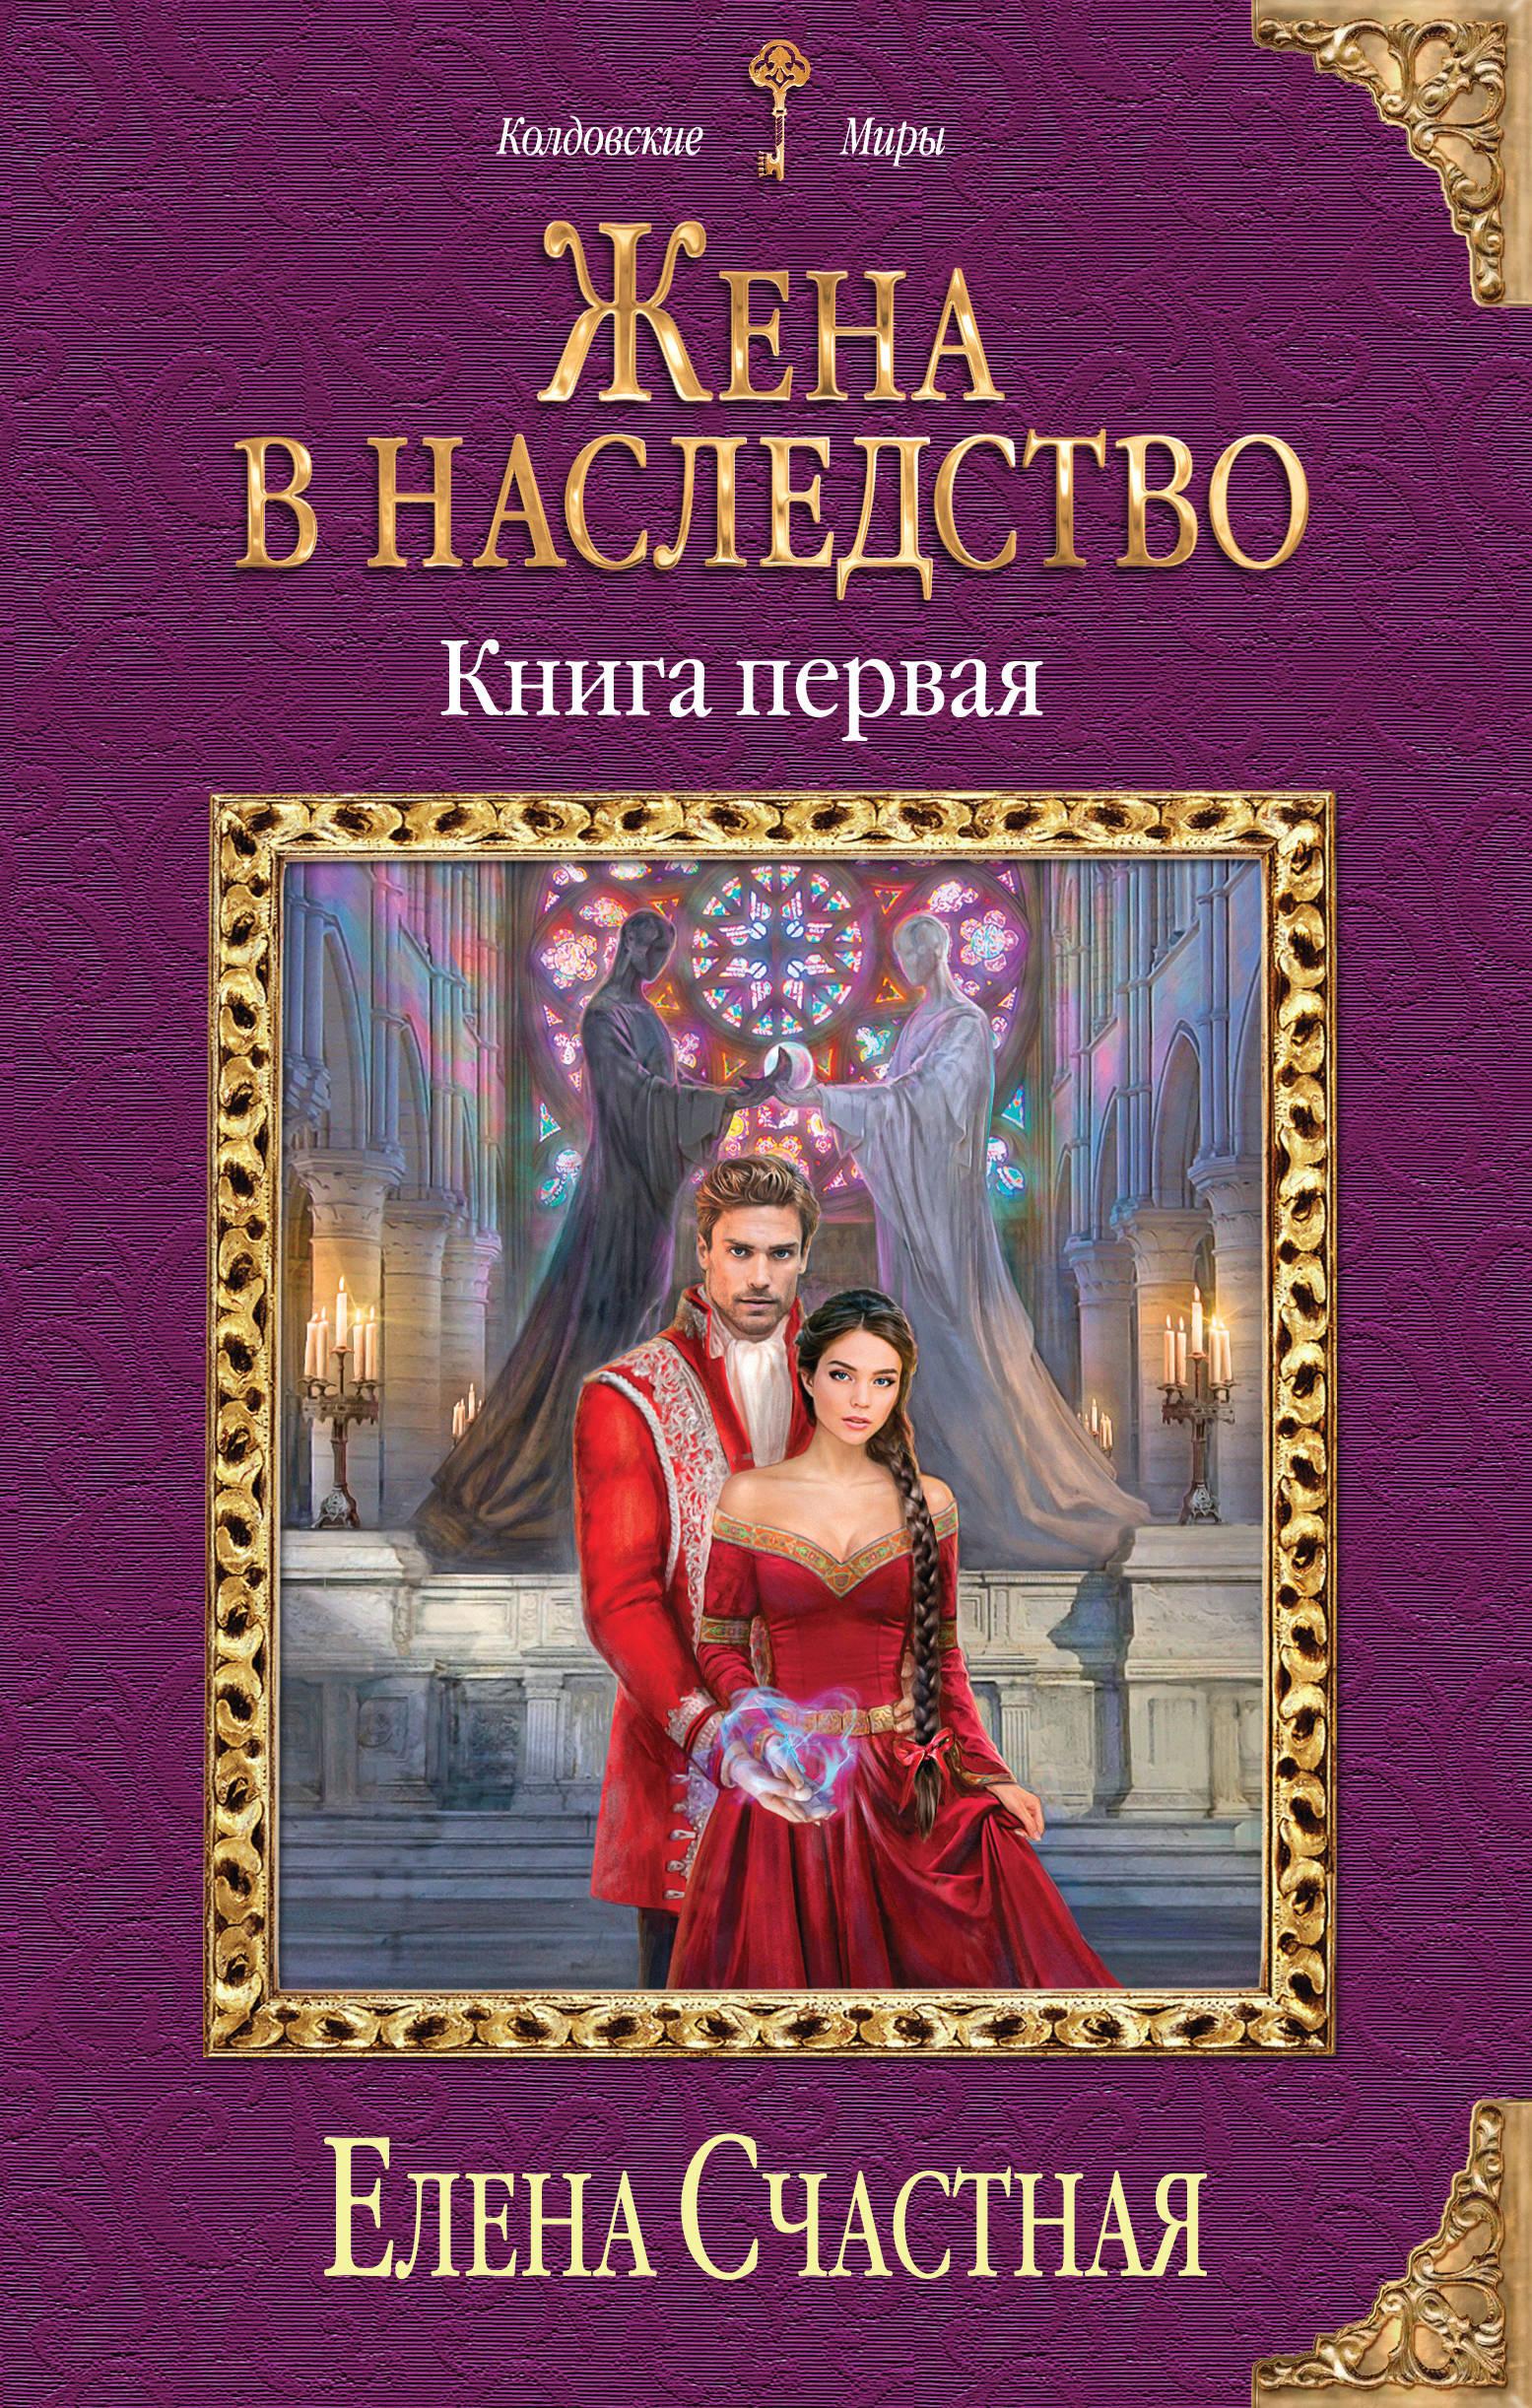 Елена Счастная «Жена в наследство. Книга первая»